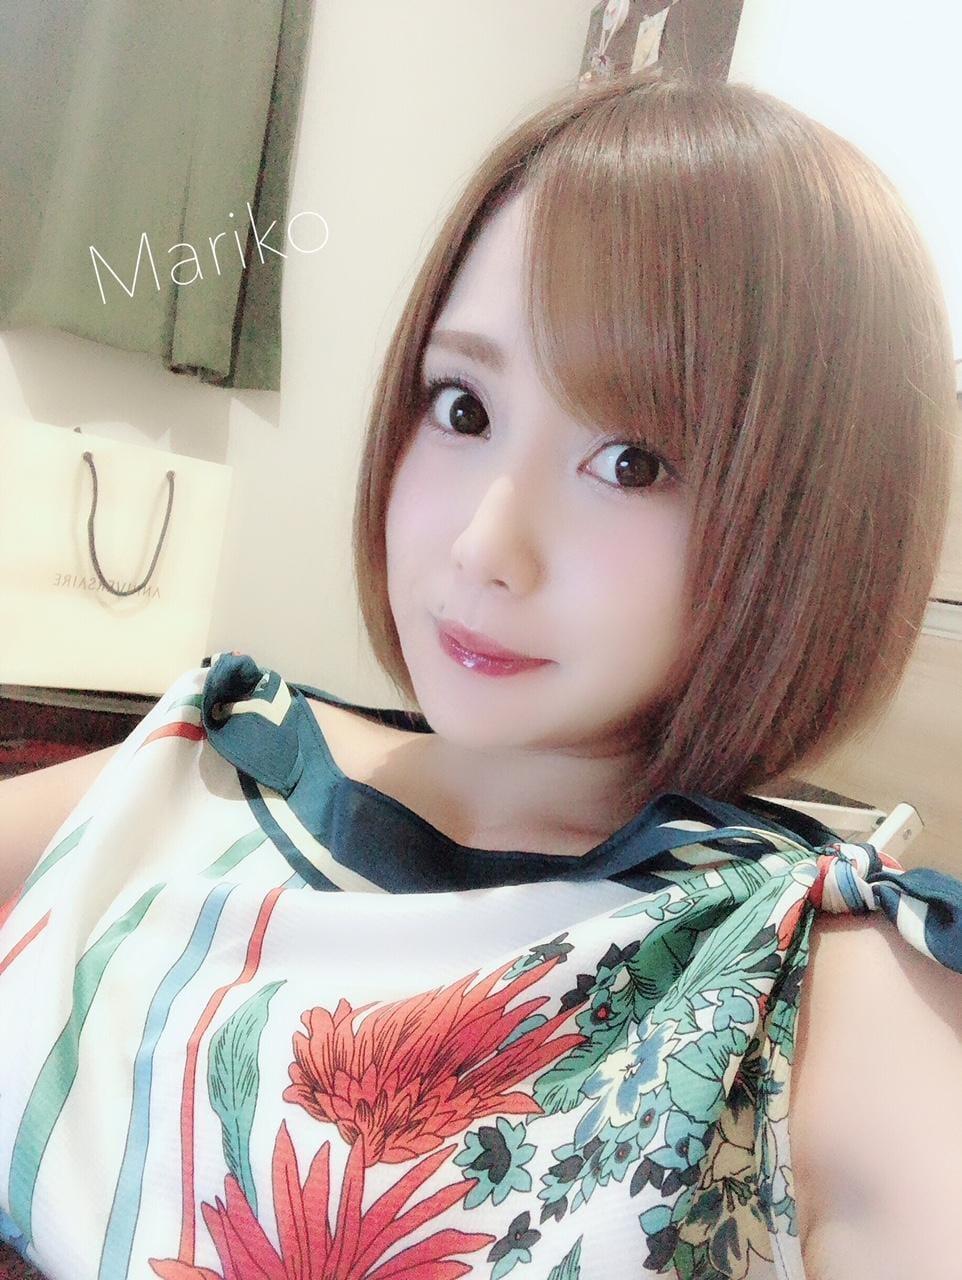 「♡ありがとう♡」08/19(08/19) 02:02   まりこの写メ・風俗動画